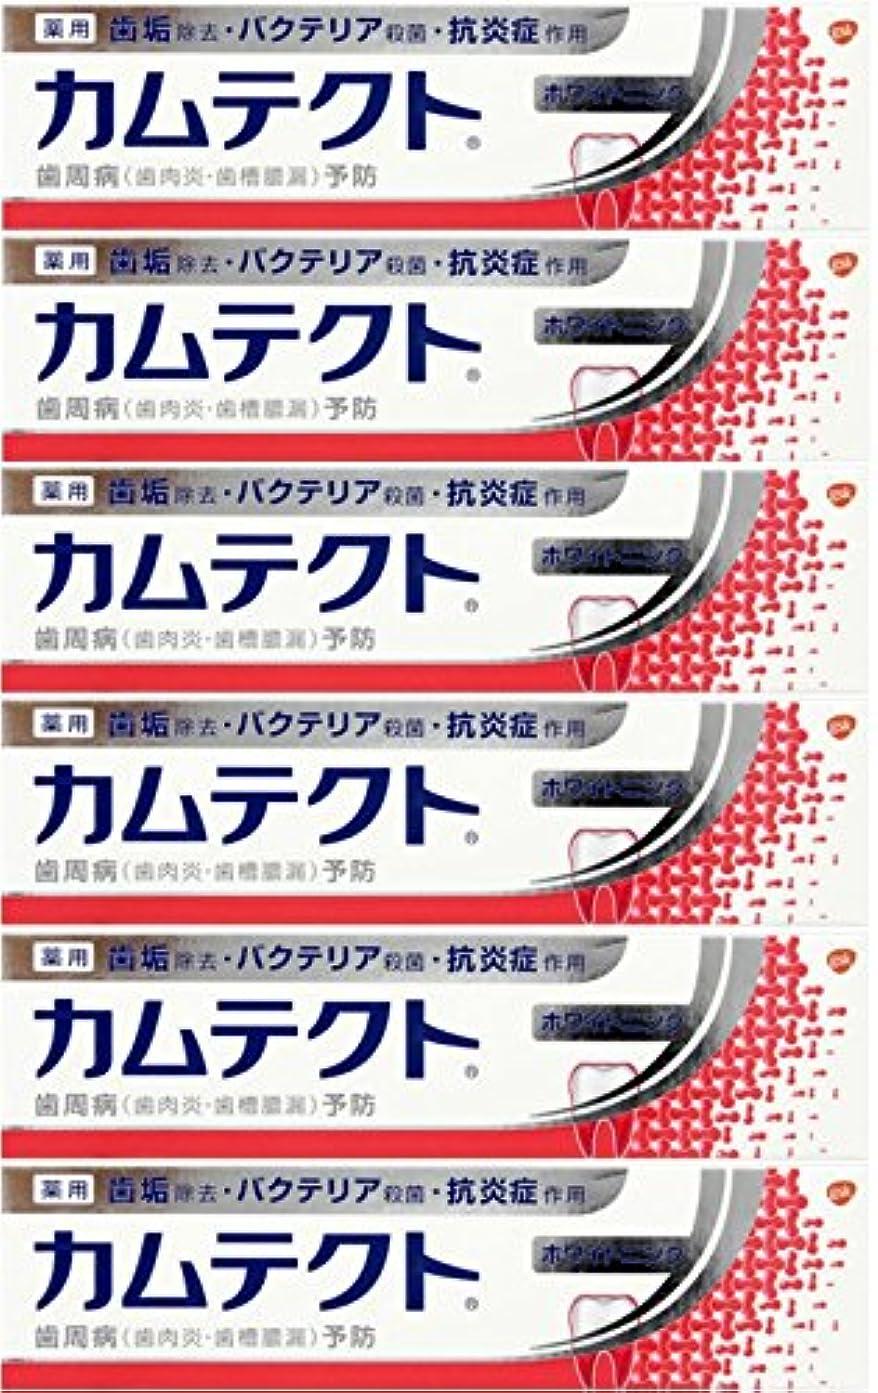 揃えるルート副産物【まとめ買い】カムテクト ホワイトニング 歯周病(歯肉炎?歯槽膿漏) 予防 歯みがき粉 105g×6個